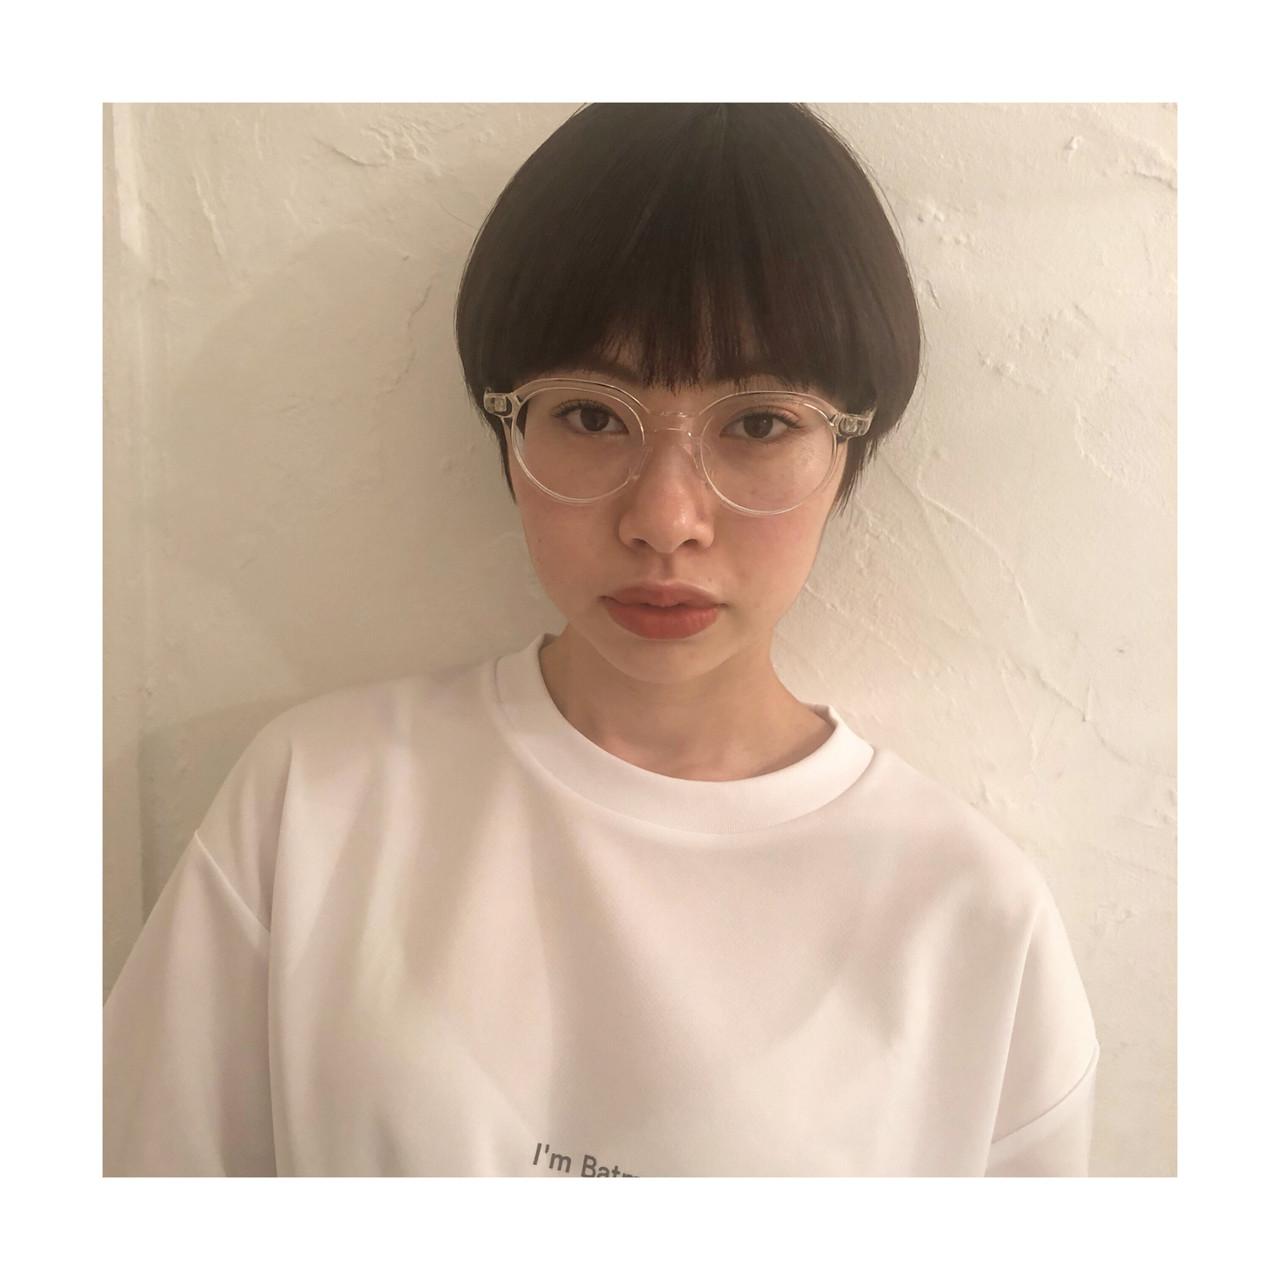 ショートマッシュ マッシュヘア マッシュショート ショート ヘアスタイルや髪型の写真・画像 | 百瀬優 / kakimoto arms aoyama店